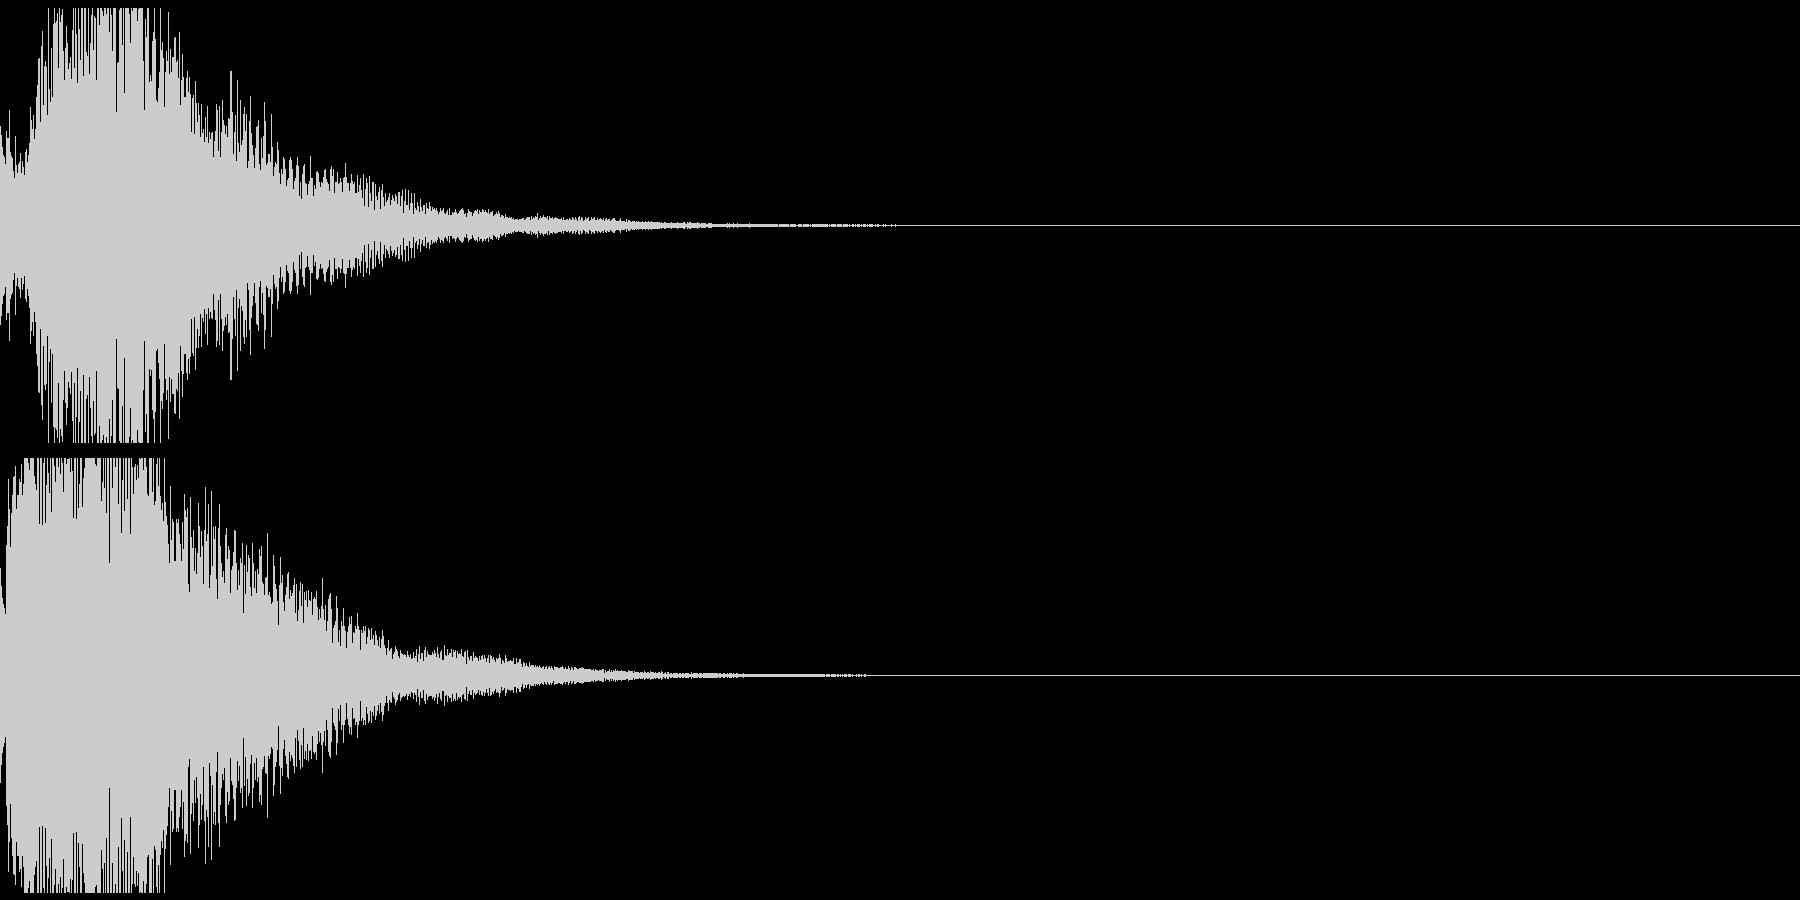 テレレン 透明感のある高品位な音の未再生の波形